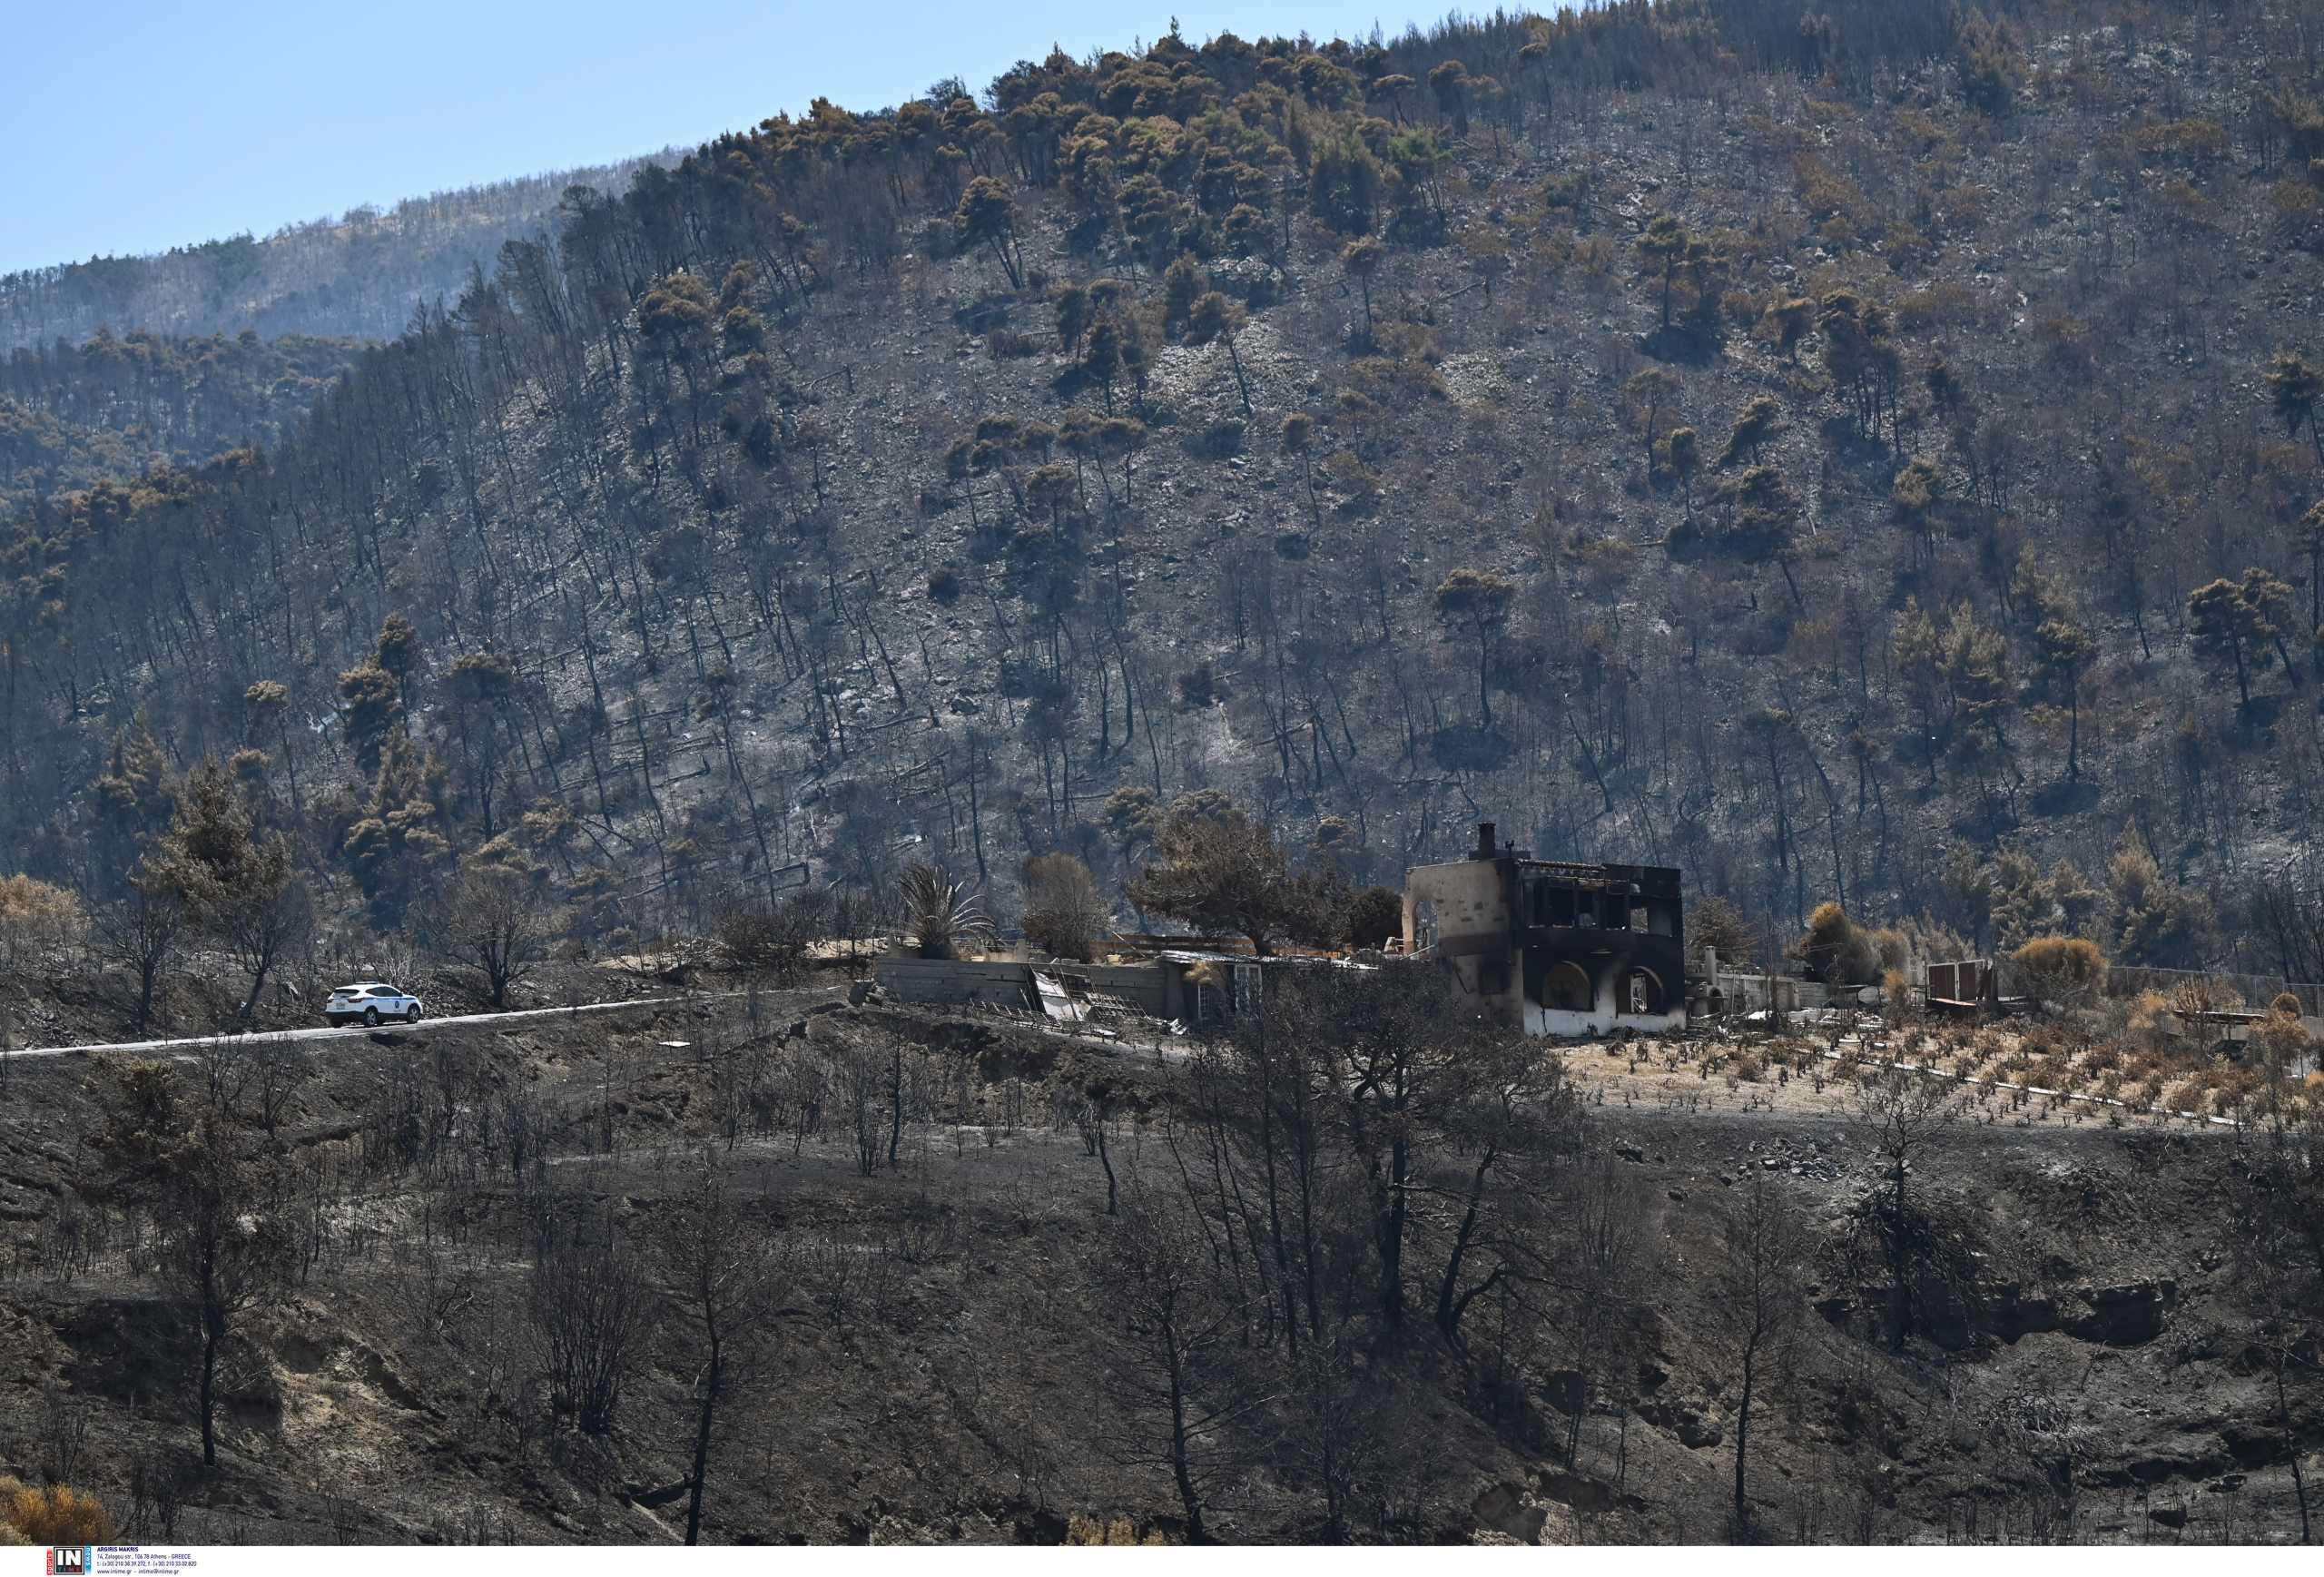 Γεράνεια Όρη: Κίνδυνος για πλημμύρες, κατολισθήσεις και λασπορροές στην περιοχή μετά την καταστροφική φωτιά